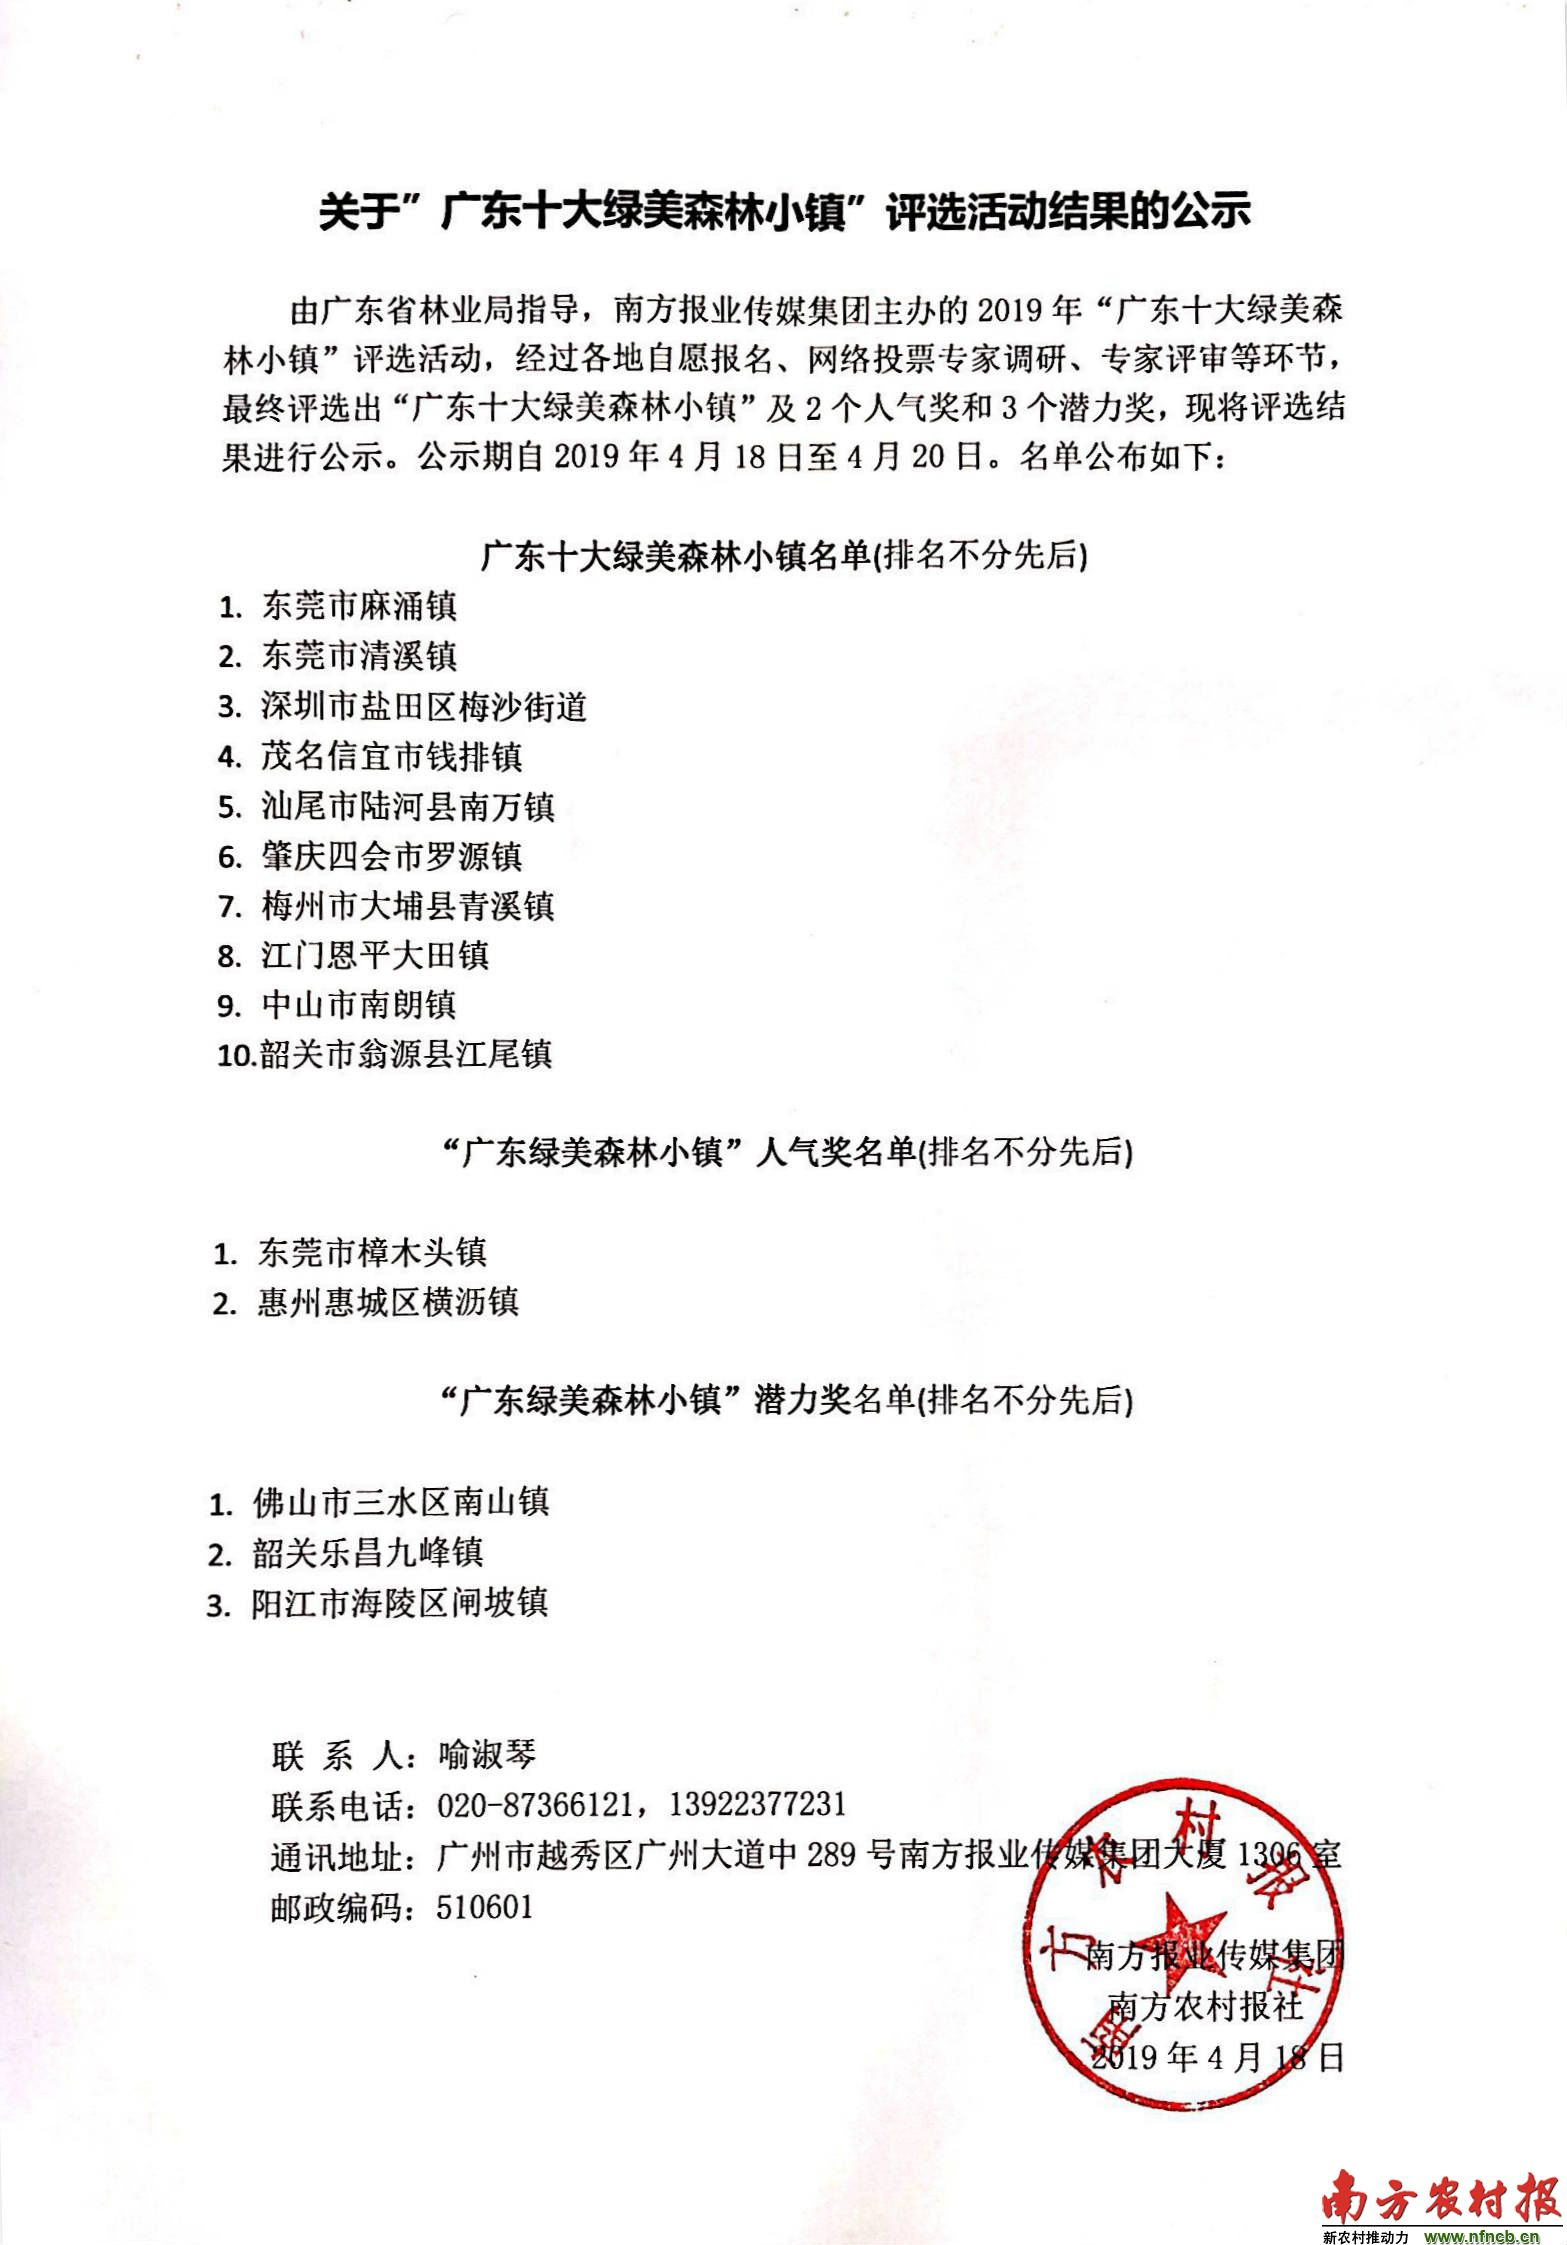 """公示丨""""广东十大绿美森林小镇""""评选活动结果出炉"""